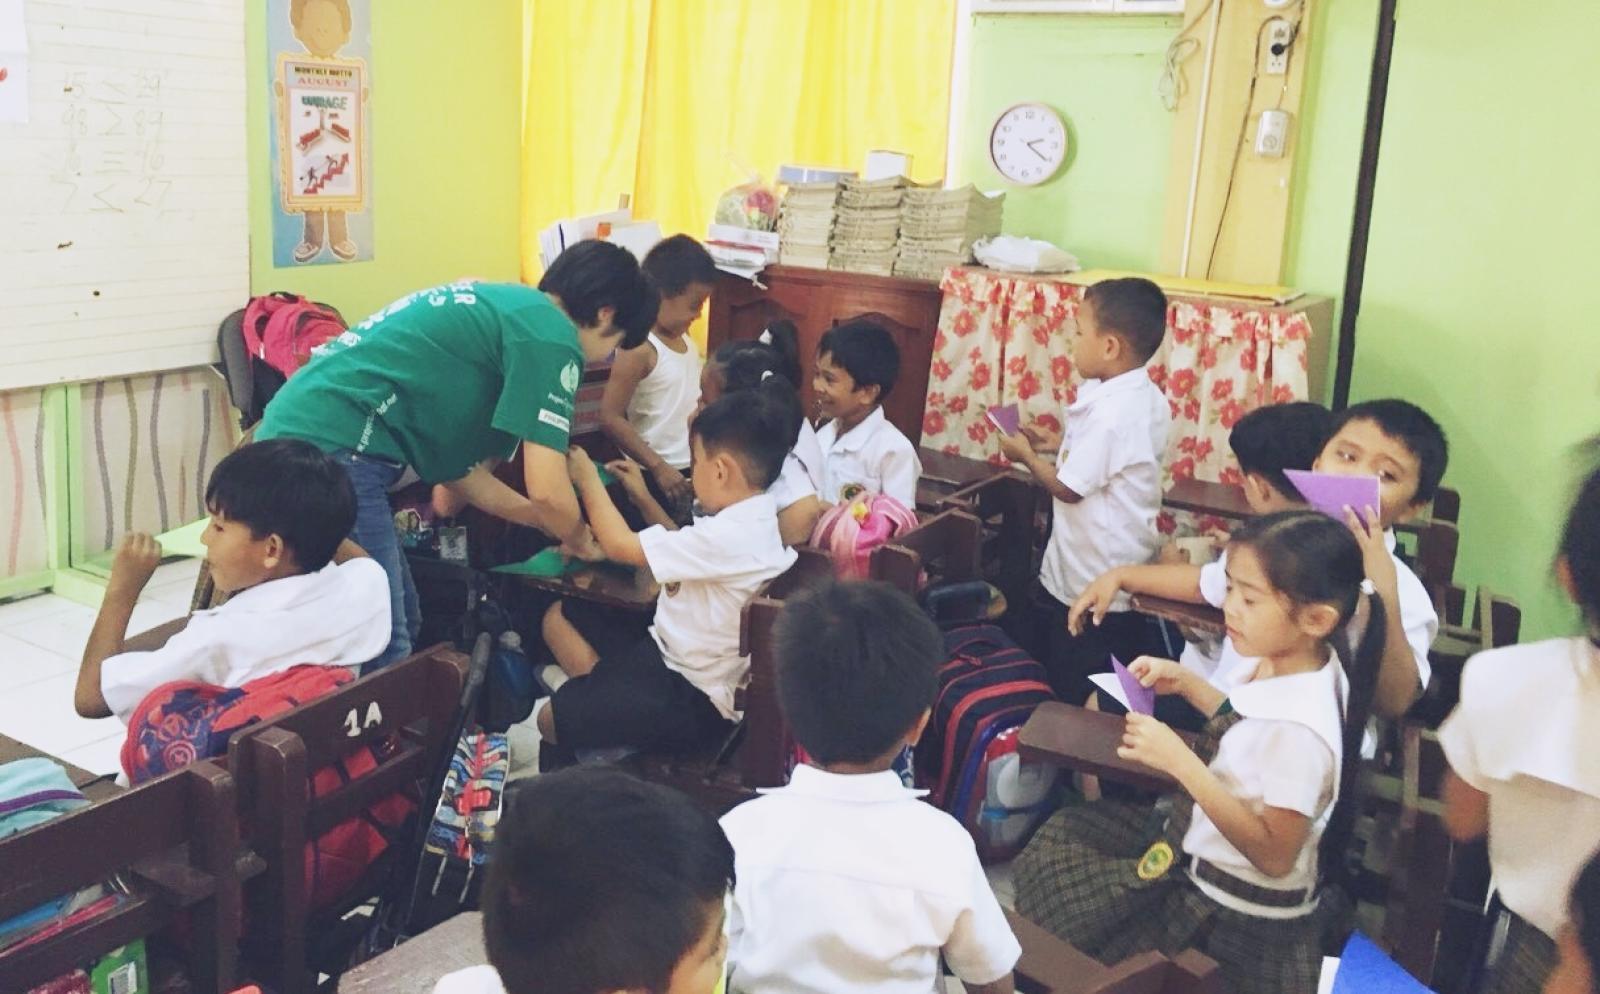 フィリピンの学校で幼い子供たちの学習をサポートする高校生ボランティア肥田凜音さん